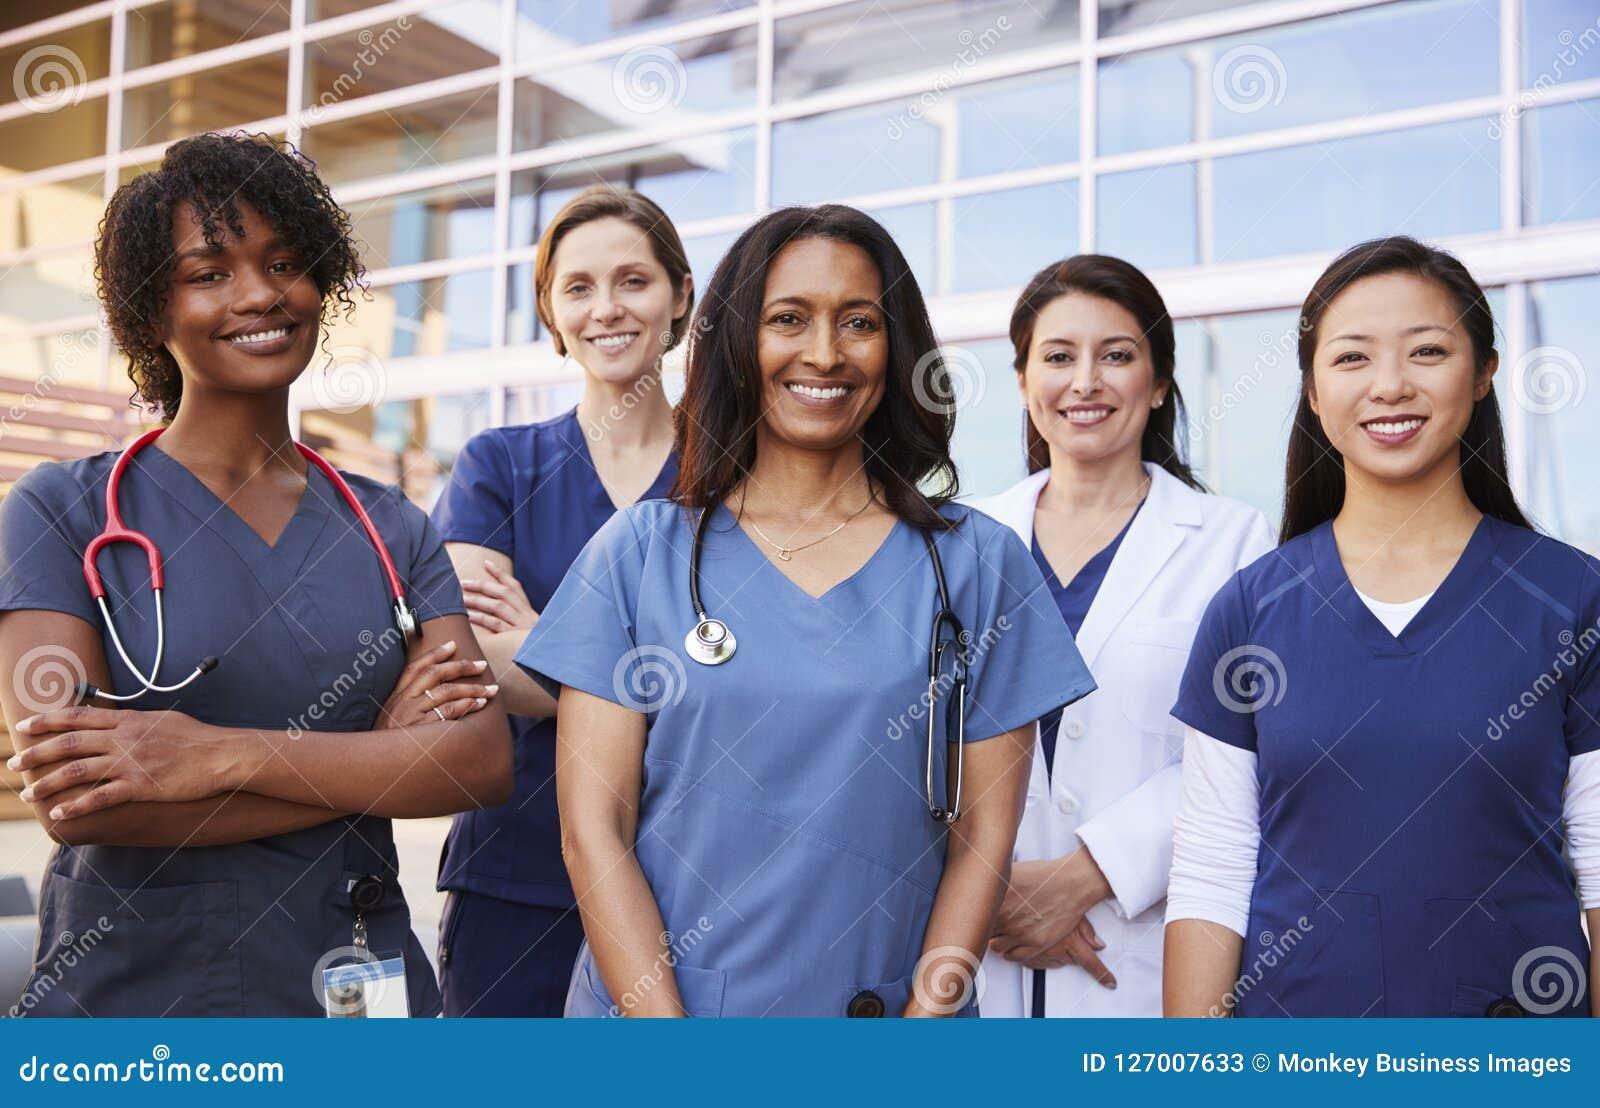 Weibliche Gesundheitswesenkollegen, die äußeres Krankenhaus stehen